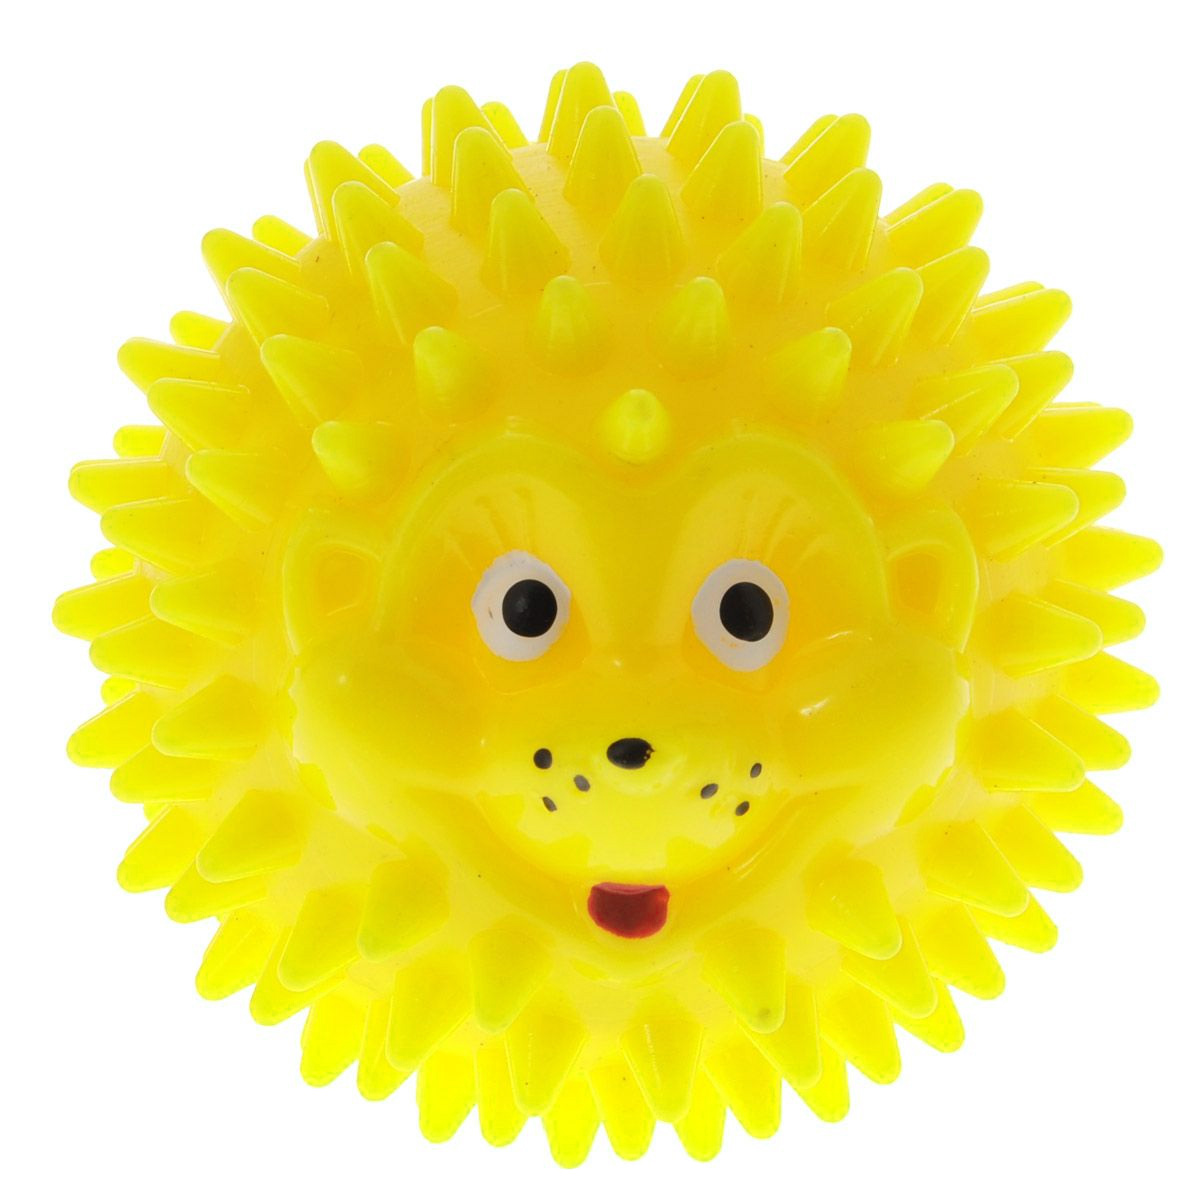 Массажер Дельтатерм Шарик-Ежик, цвет: желтый, диаметр 50 мм00-00000225С помощью массажного мяча Шарик-Ежик можно самостоятельно проводить мягкий массаж ладоней, стоп и всего тела. Такой массаж способствует повышению кожно-мышечного тонуса, уменьшению венозного застоя и ускорению капиллярного кровотока, улучшению функционирования периферической и центральной нервных систем. Идеально подходит для проведения массажа у маленьких детей. Развивает мышление, координацию движений и совершенствует моторику нежных пальчиков малыша и является интересной веселой игрушкой.